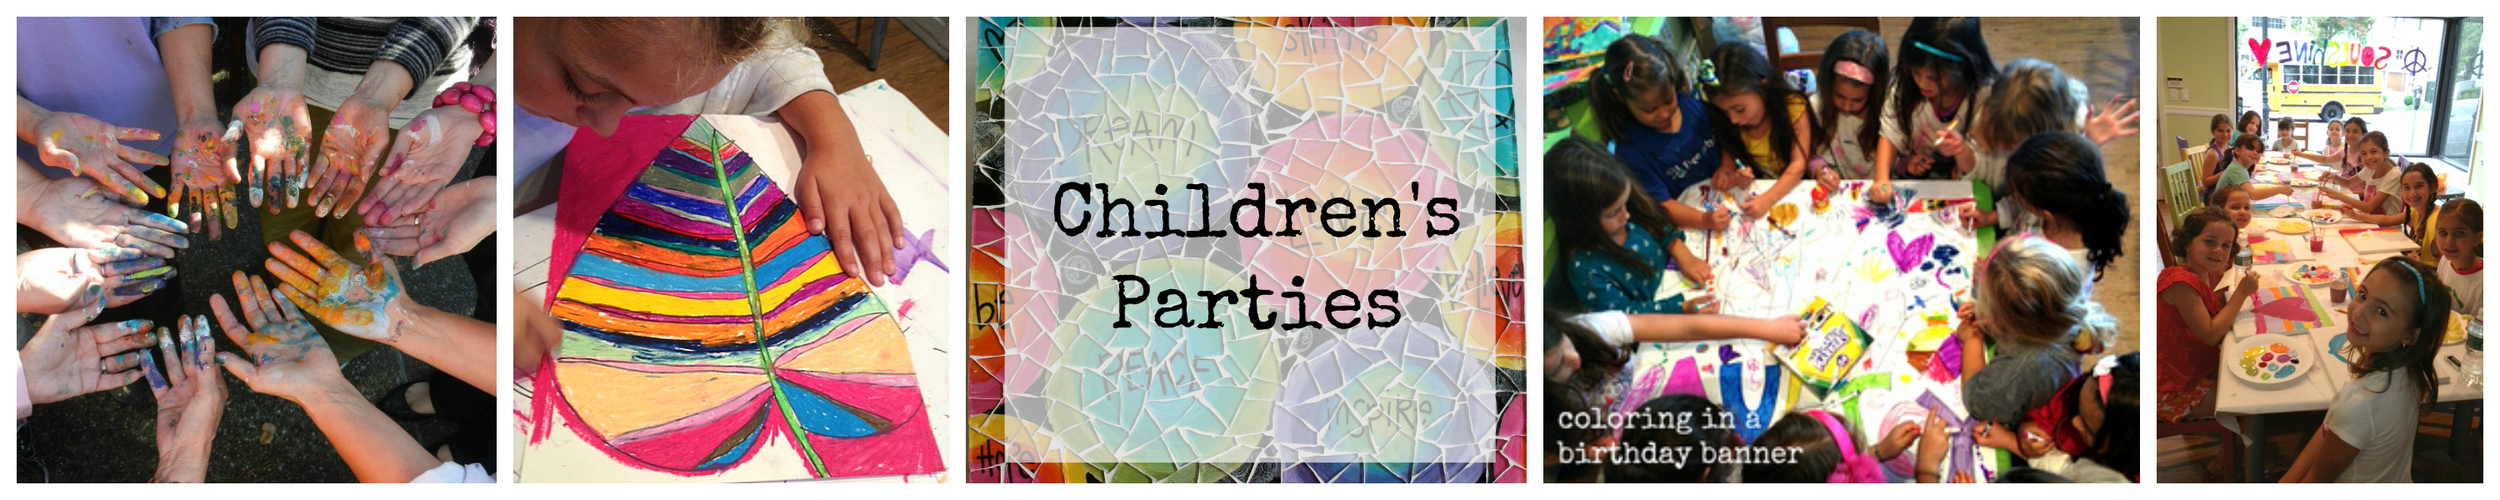 children's parties collage.jpg